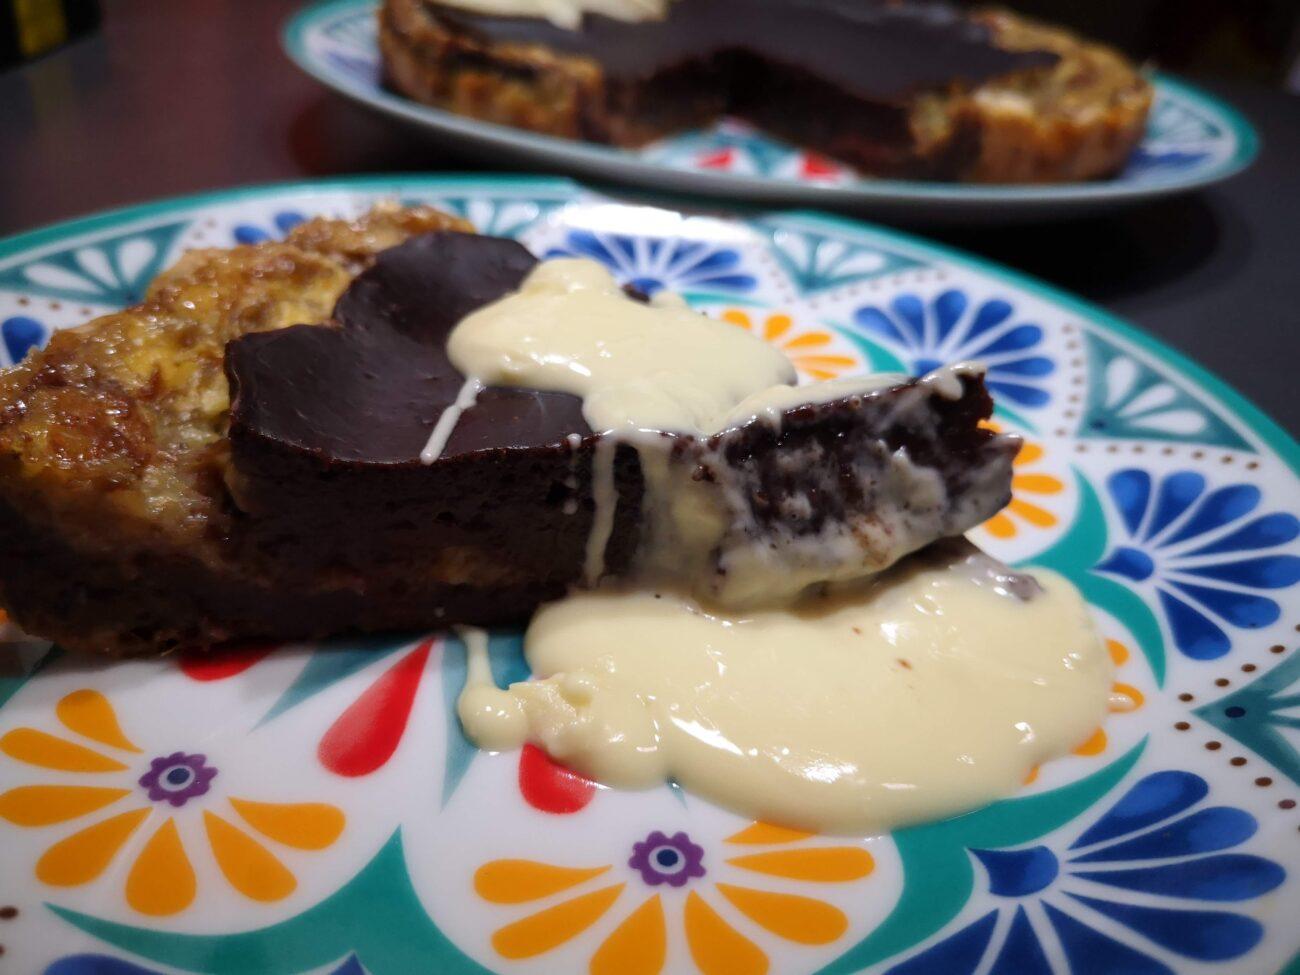 Sfoglia con crema al cioccolato e banana